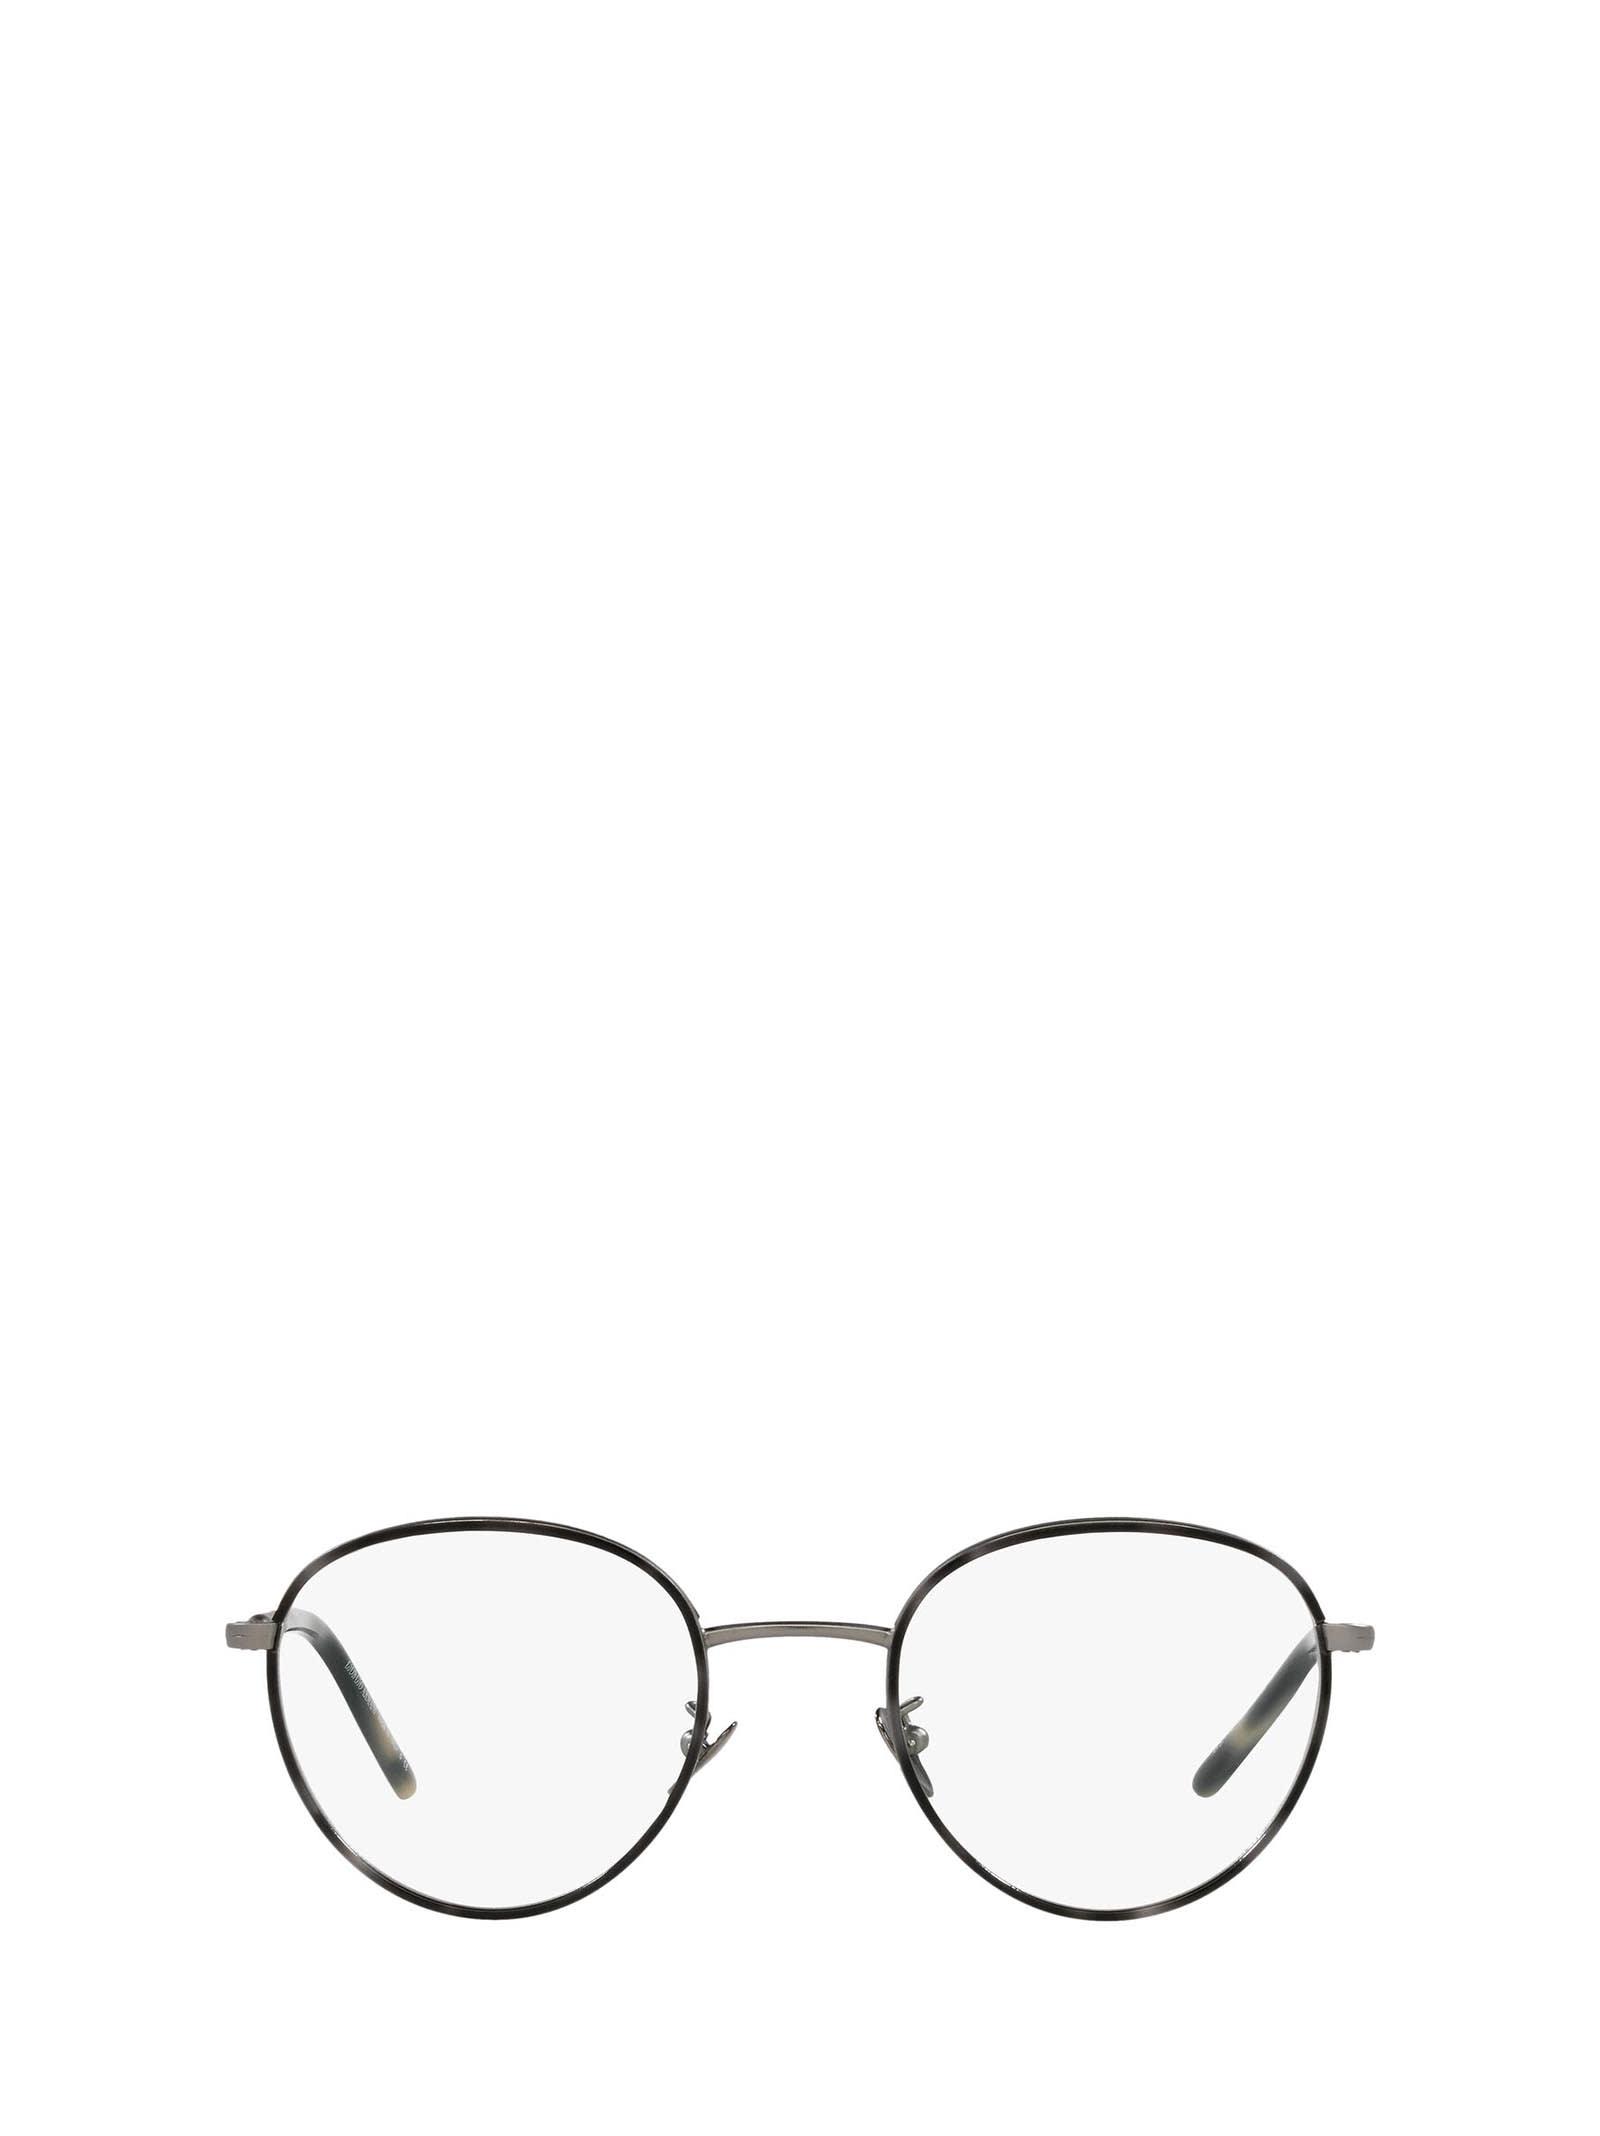 Giorgio Armani Giorgio Armani Ar5111j Matte Gunmetal Glasses